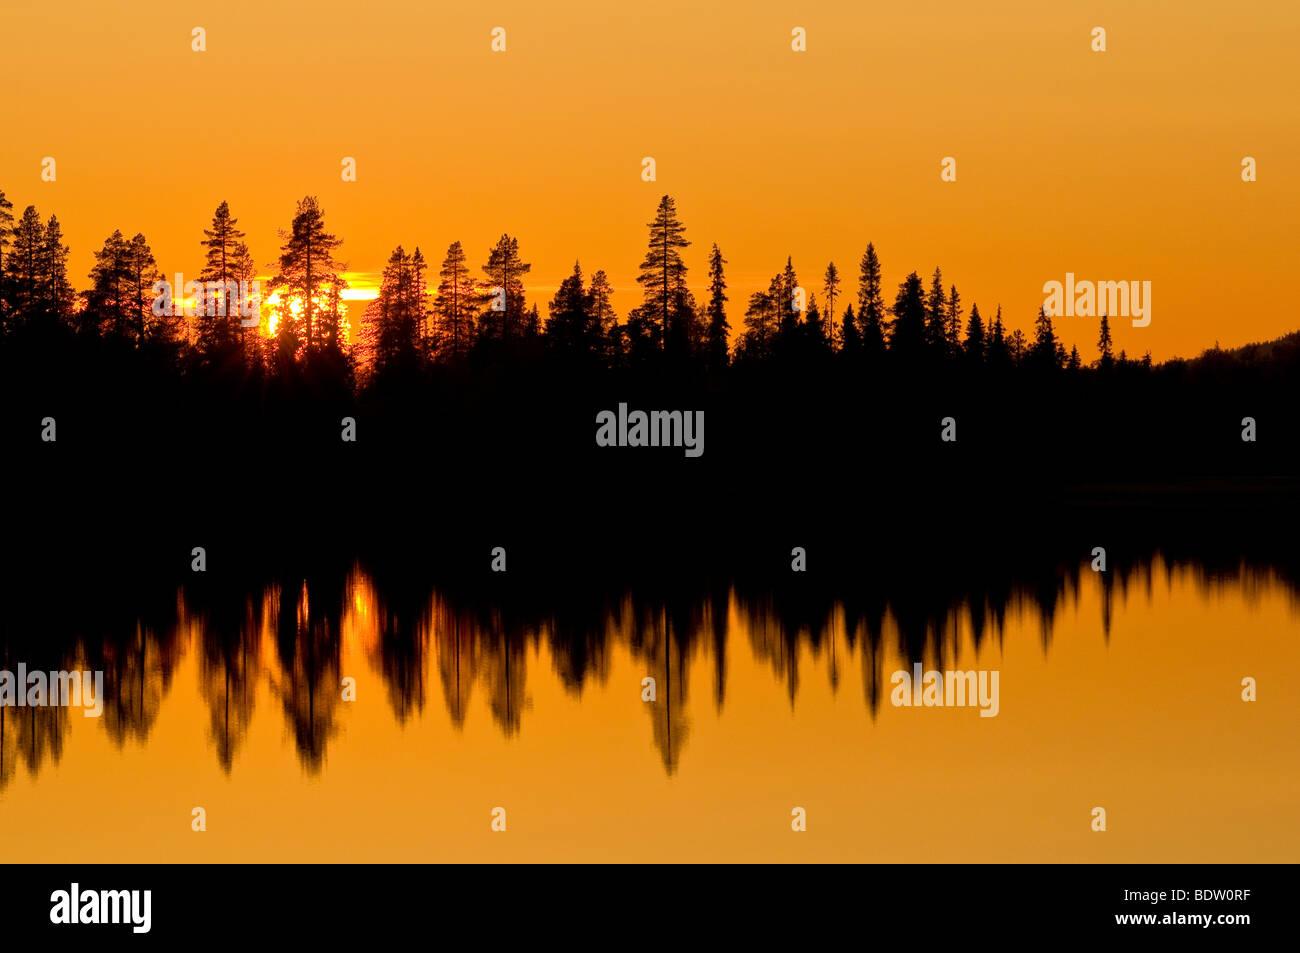 sonnenuntergang ueber einem waldsee, lappland, schweden, sunset at a forest lake, lapland, sweden - Stock Image